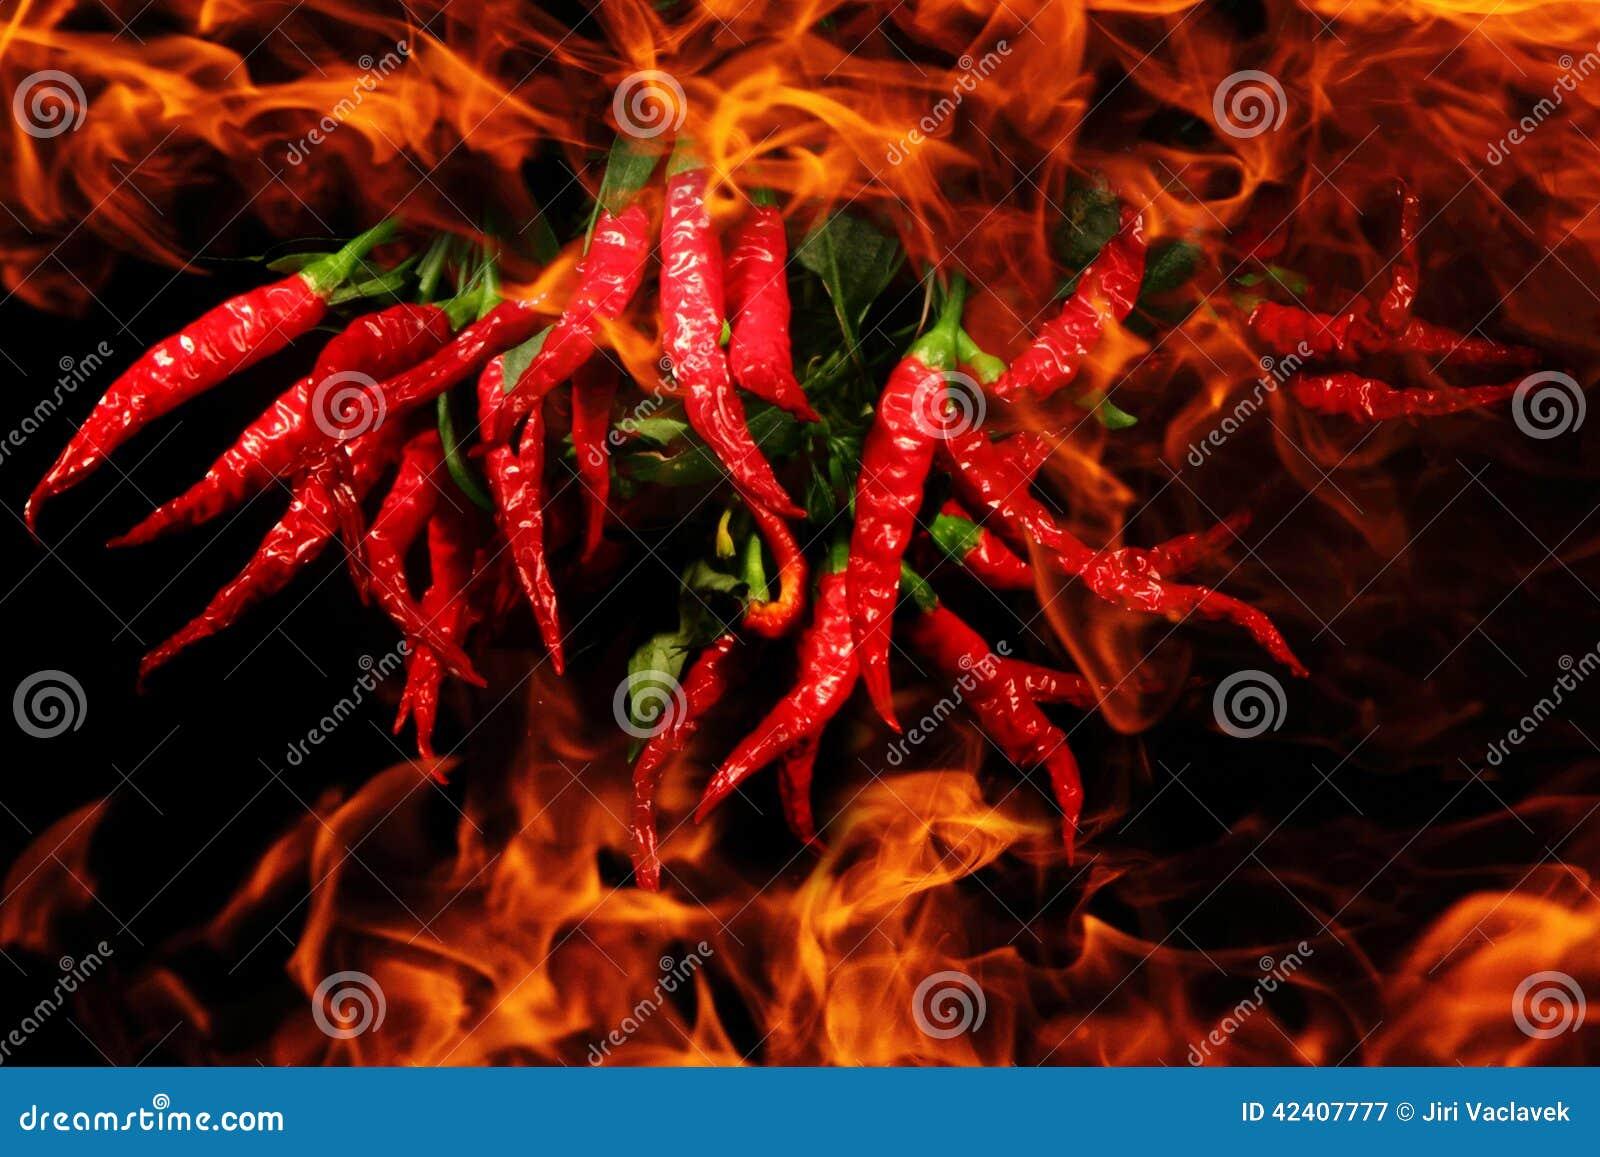 Pimentão nas chamas